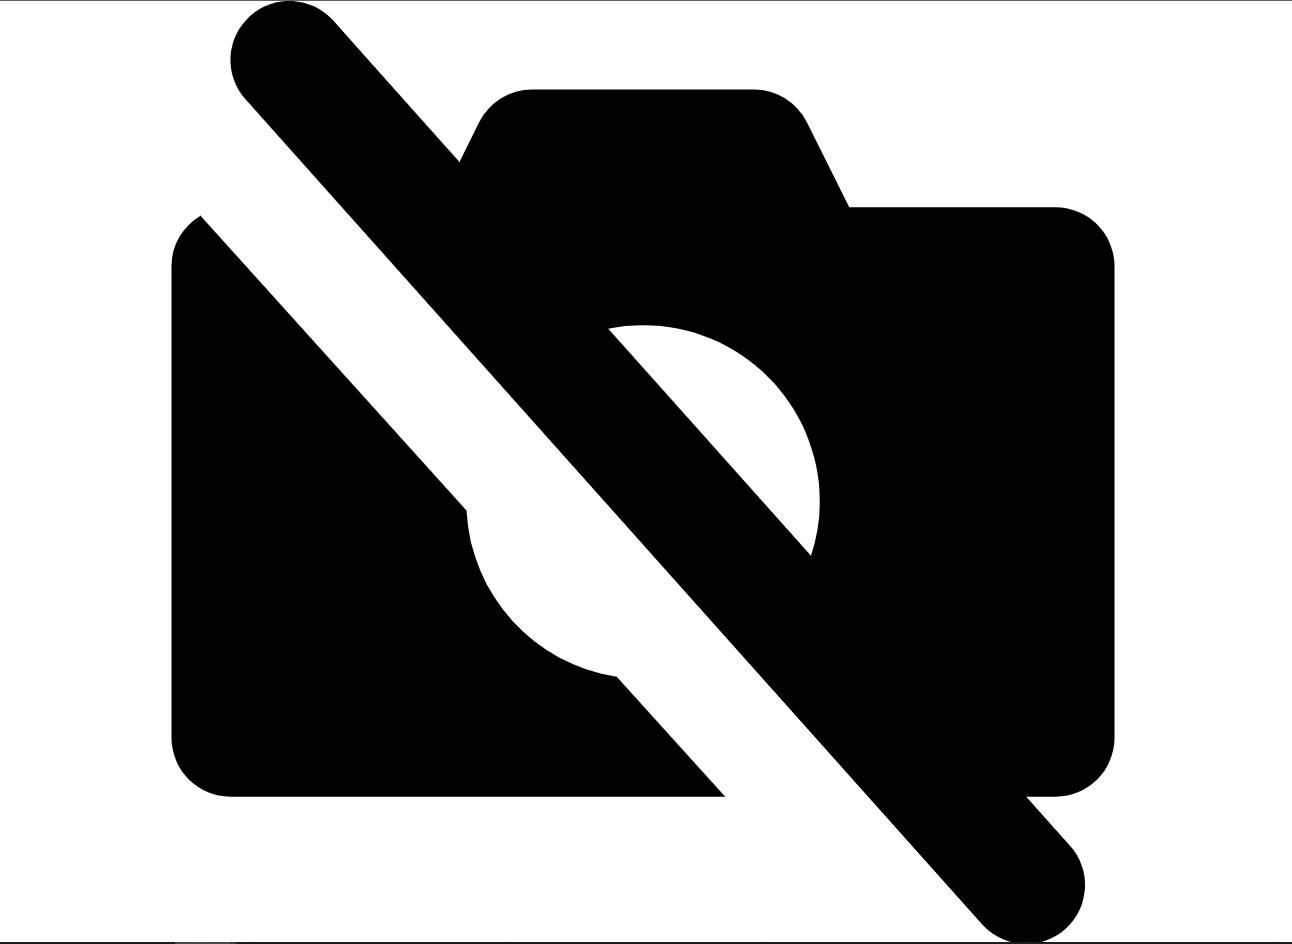 Kit Pis/anel Metal Leve Tit02 1.00 9170